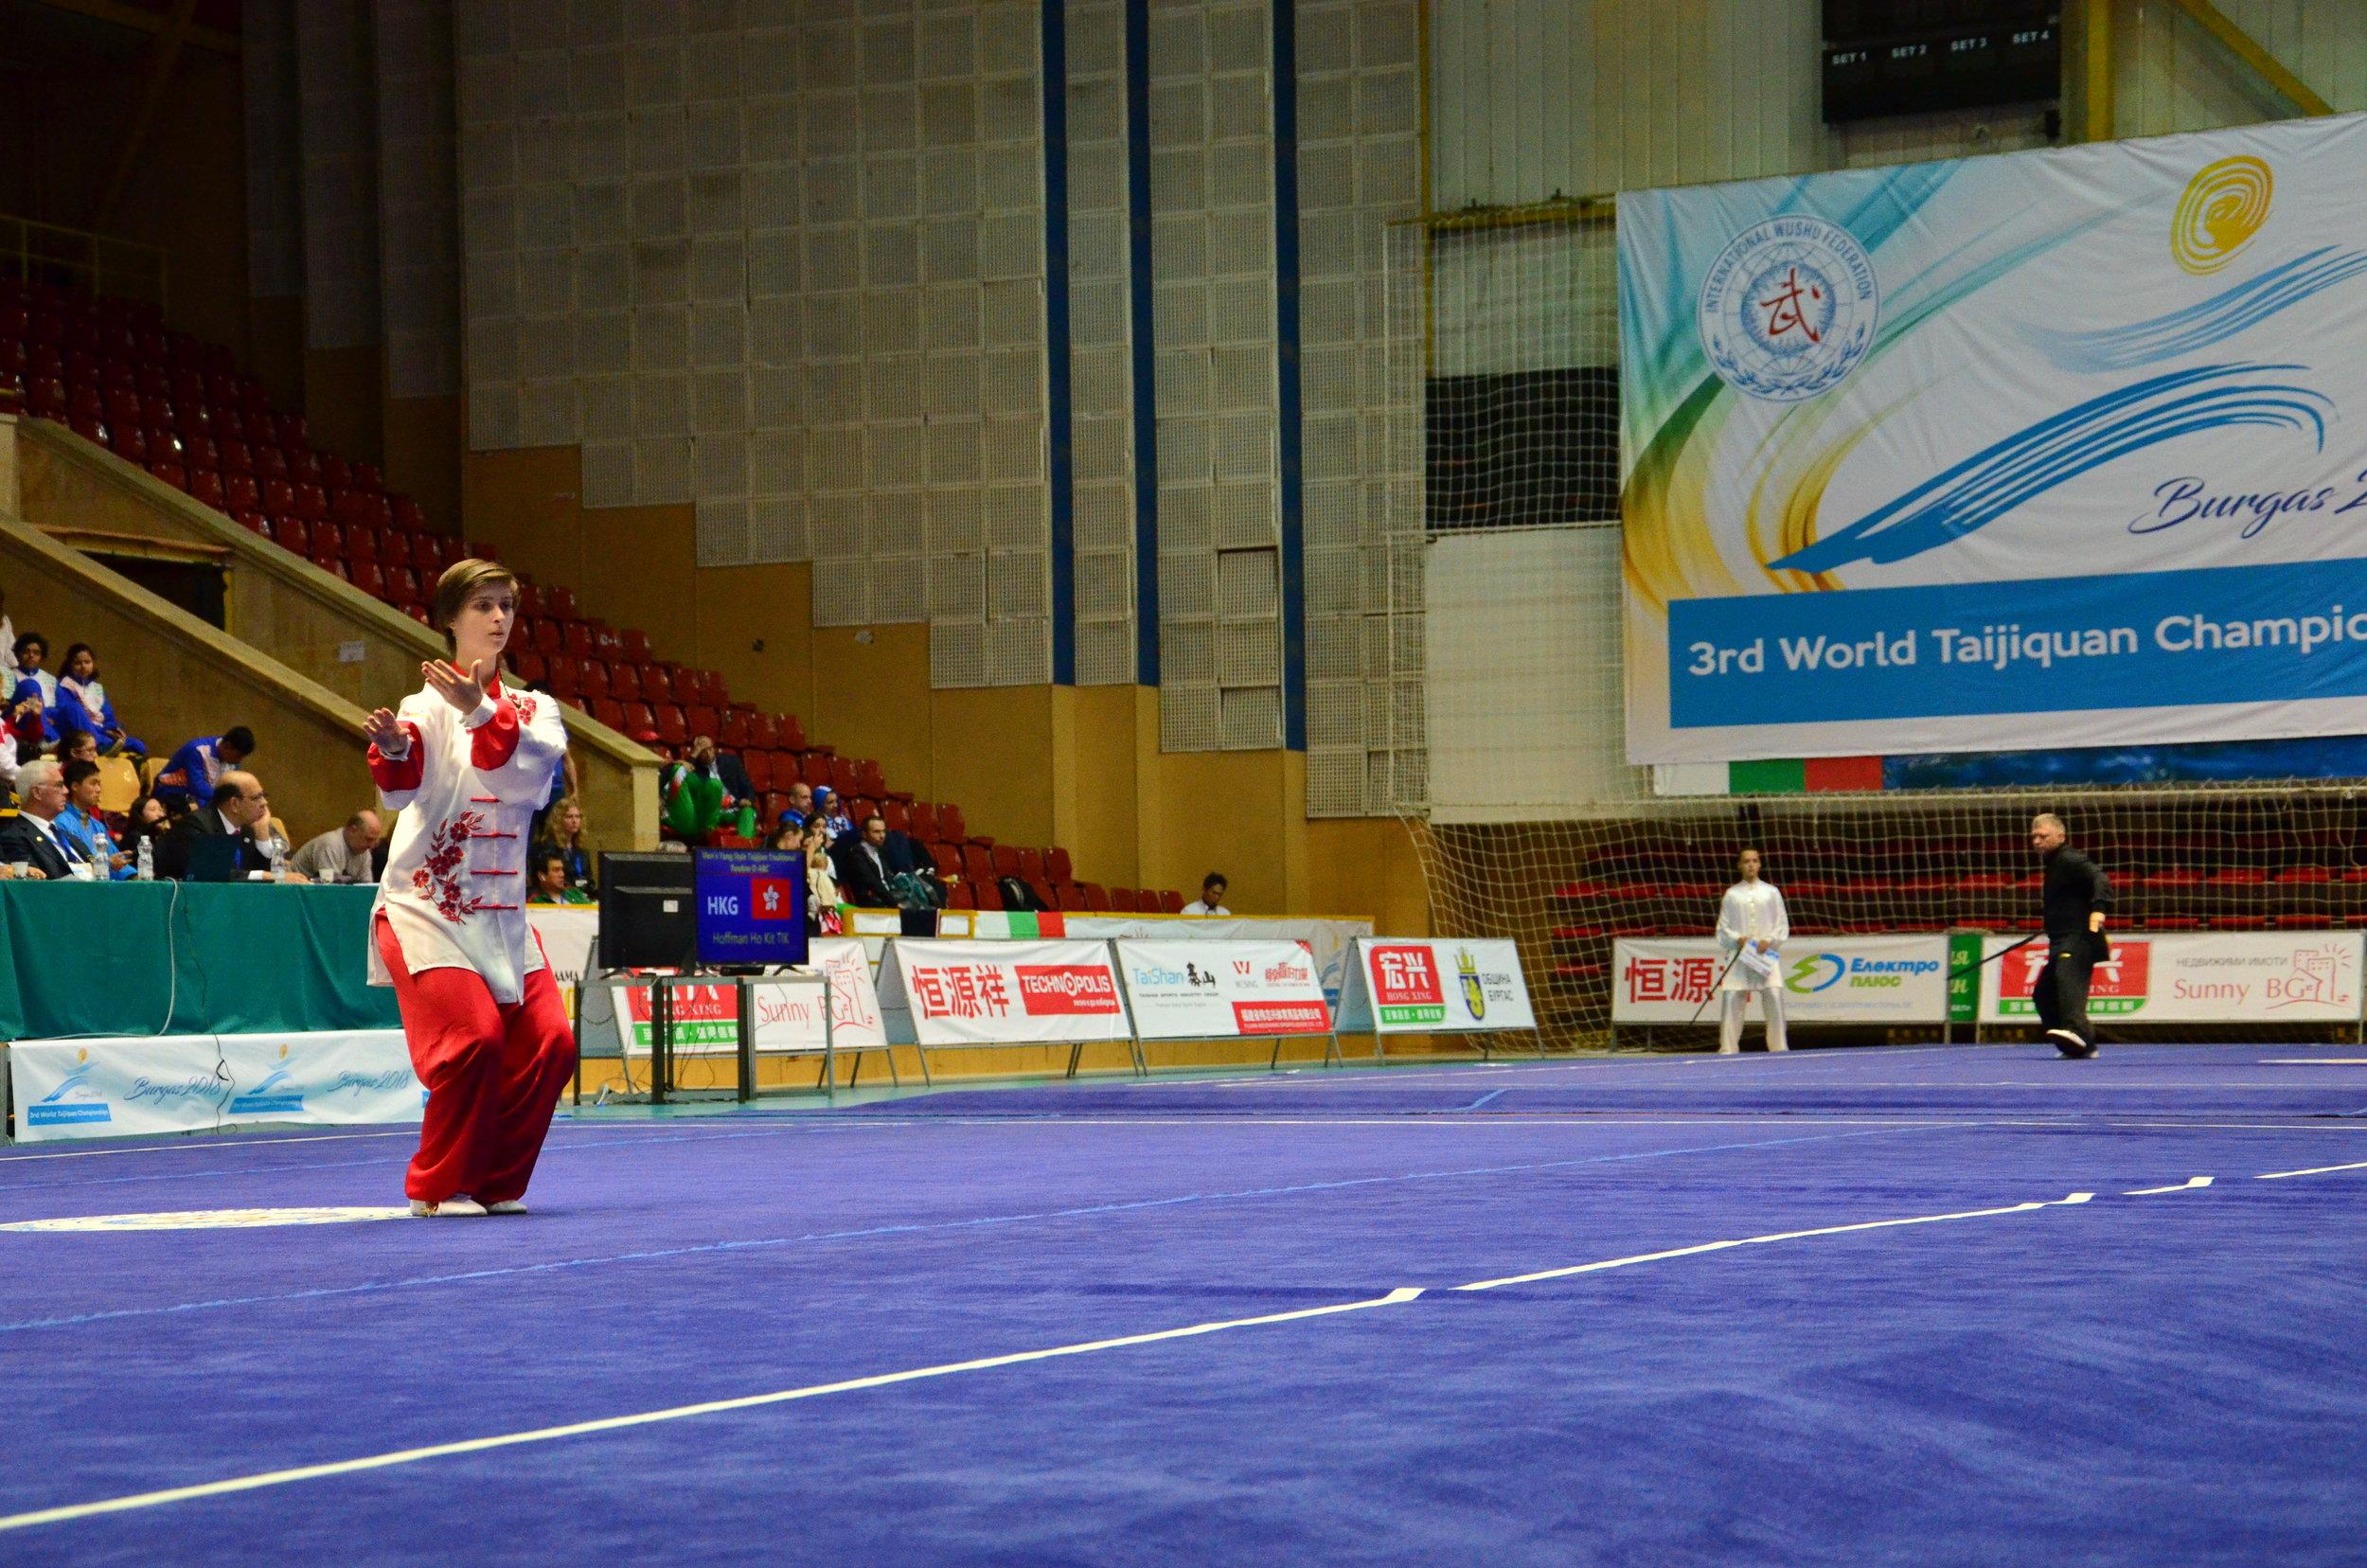 Na pierwszym planie Karolina Kulągowska startująca z formą ręczną Yang (Championship Events), w tle w czarnym stroju Tomasz Dybicz z tradycyjną formą Yang z mieczem (Demonstration Events).